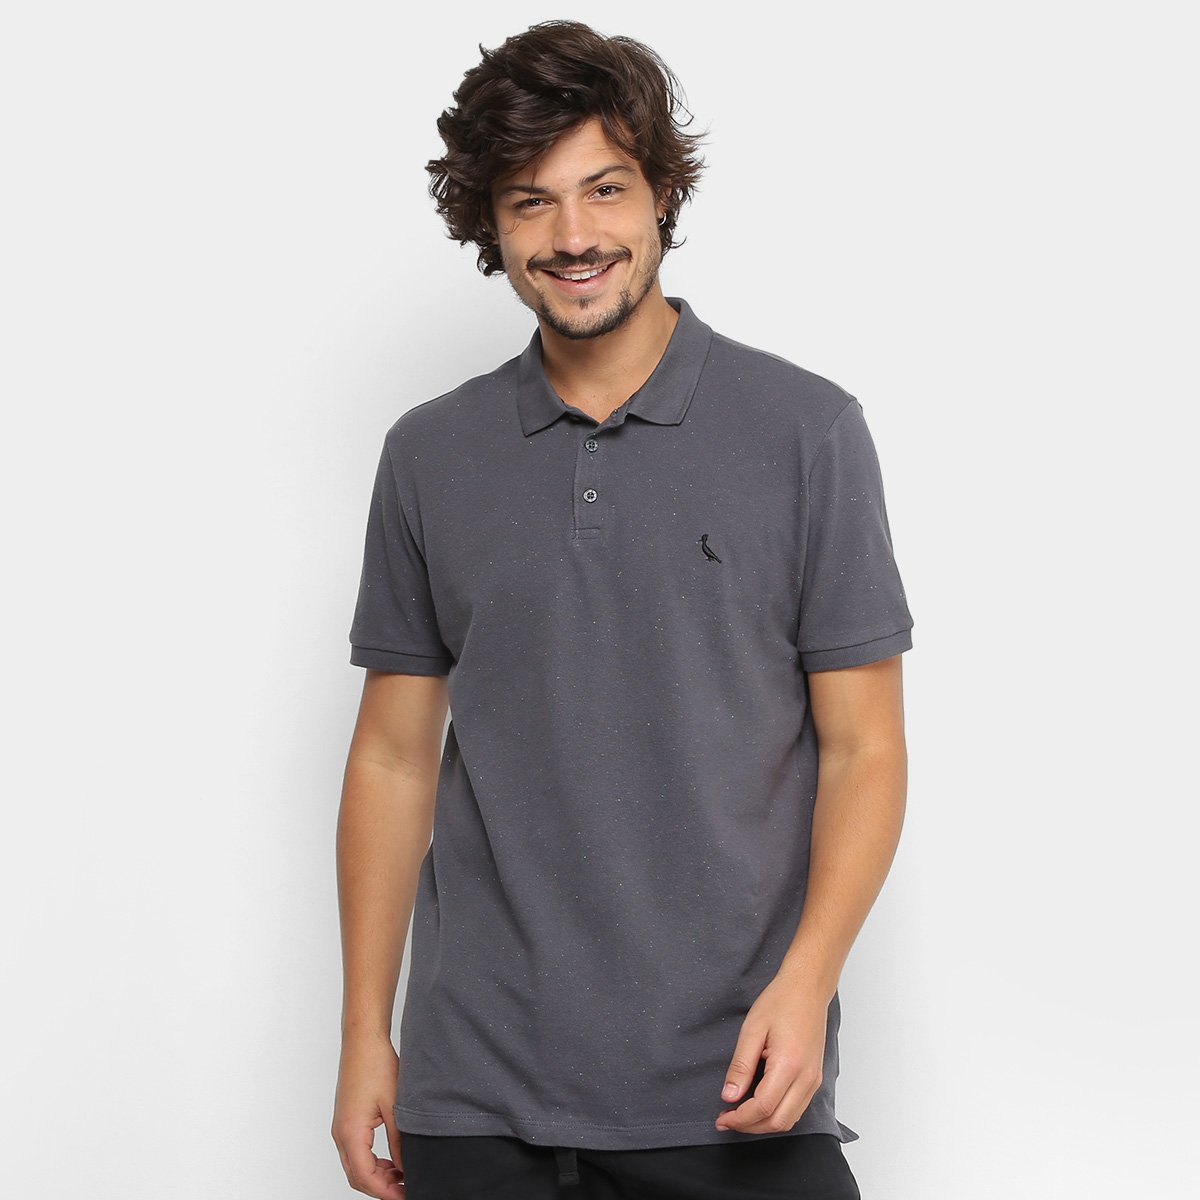 Camisa Polo Reserva Piquet Botonê Fantasia Masculina. undefined 8a4262d05e26e